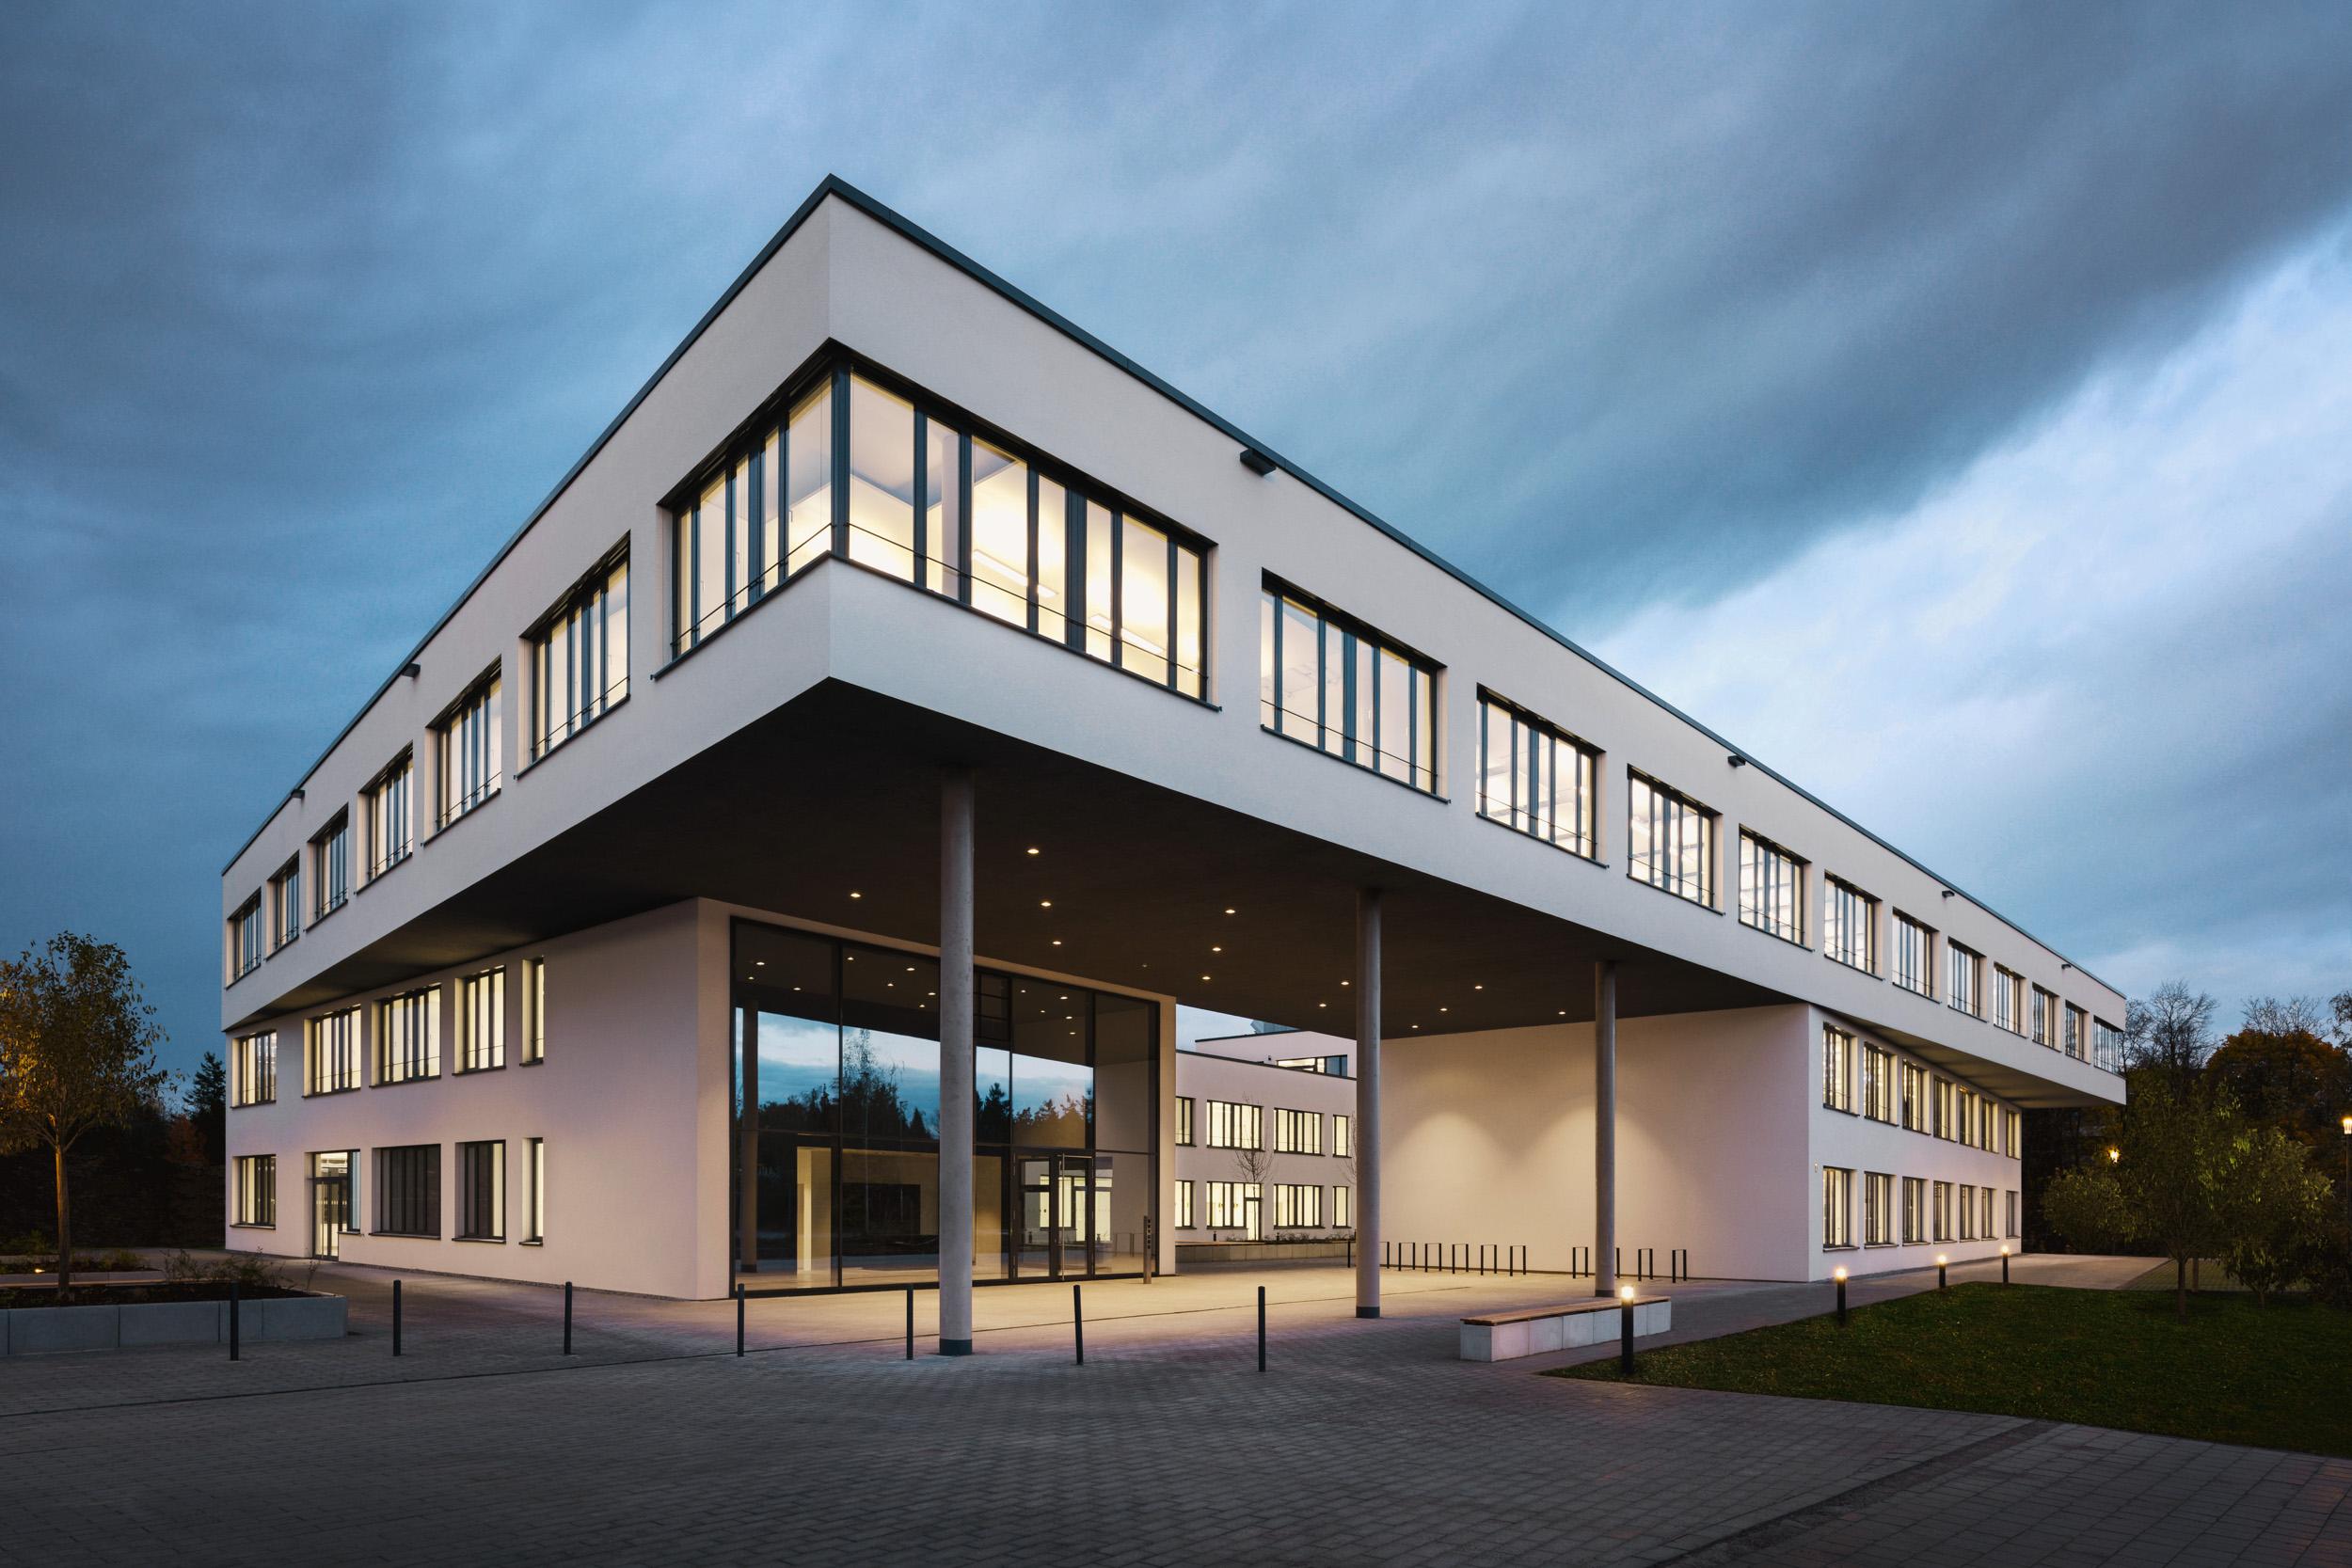 Gustav-Epple-Bauunternehmung-Astyx-München_MLZ9460